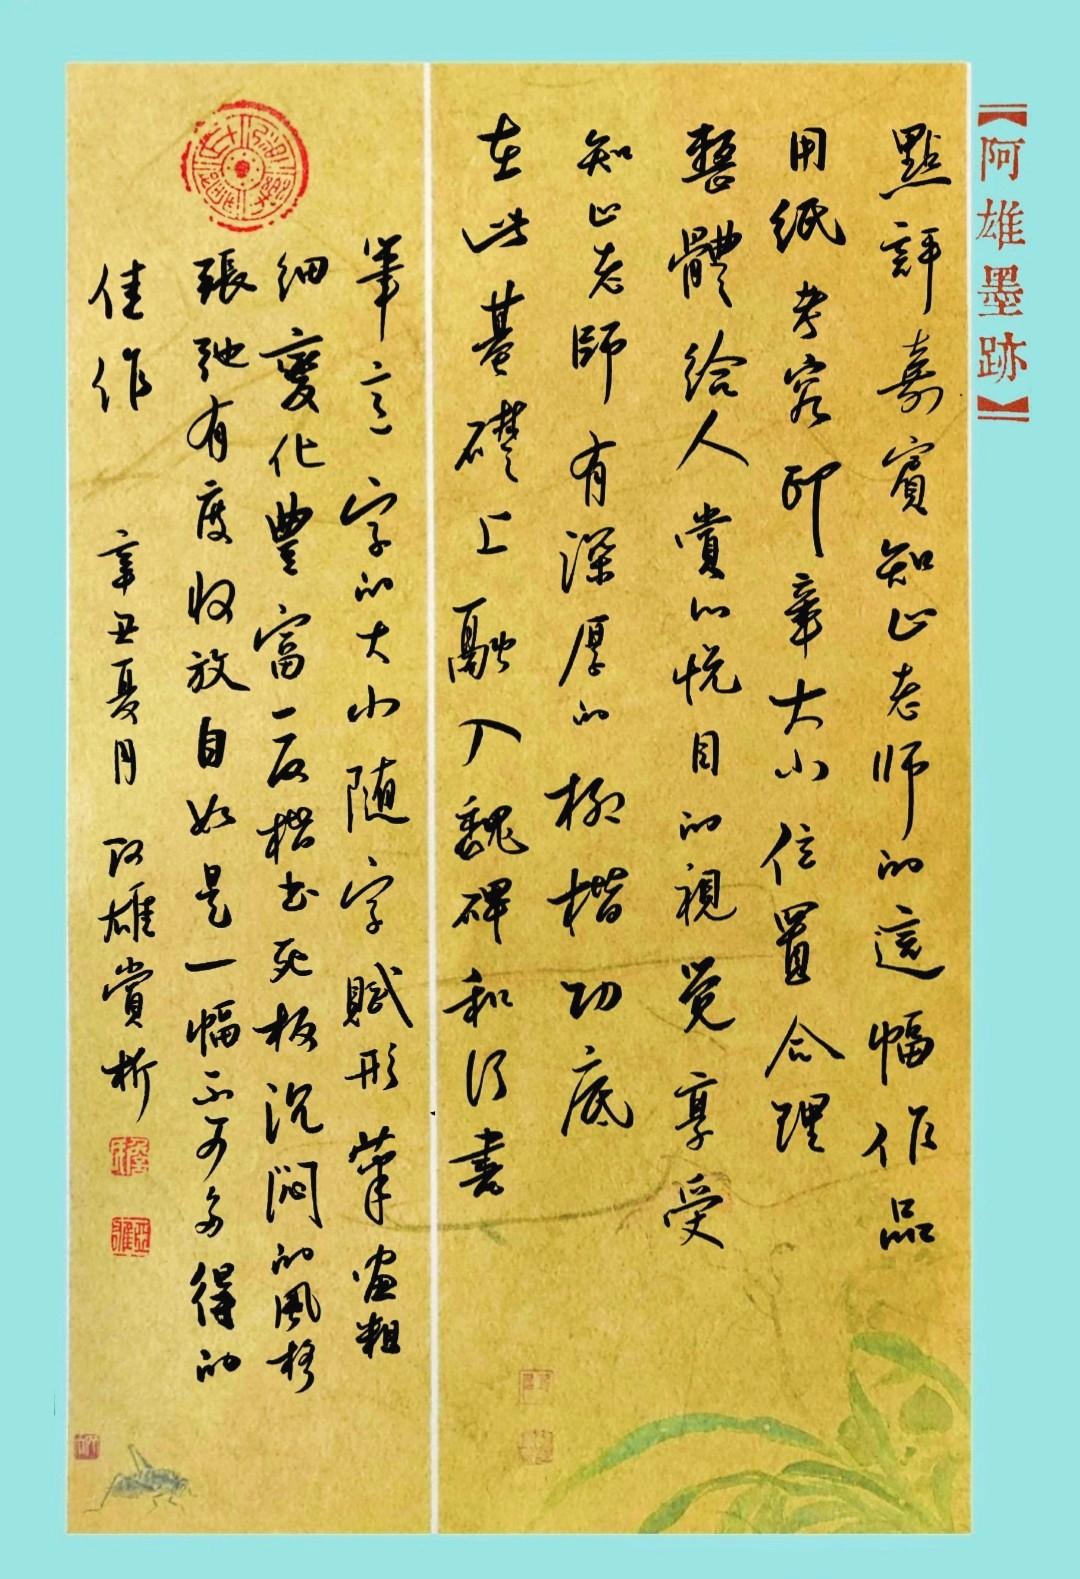 钢笔书法练字打卡20210525-19